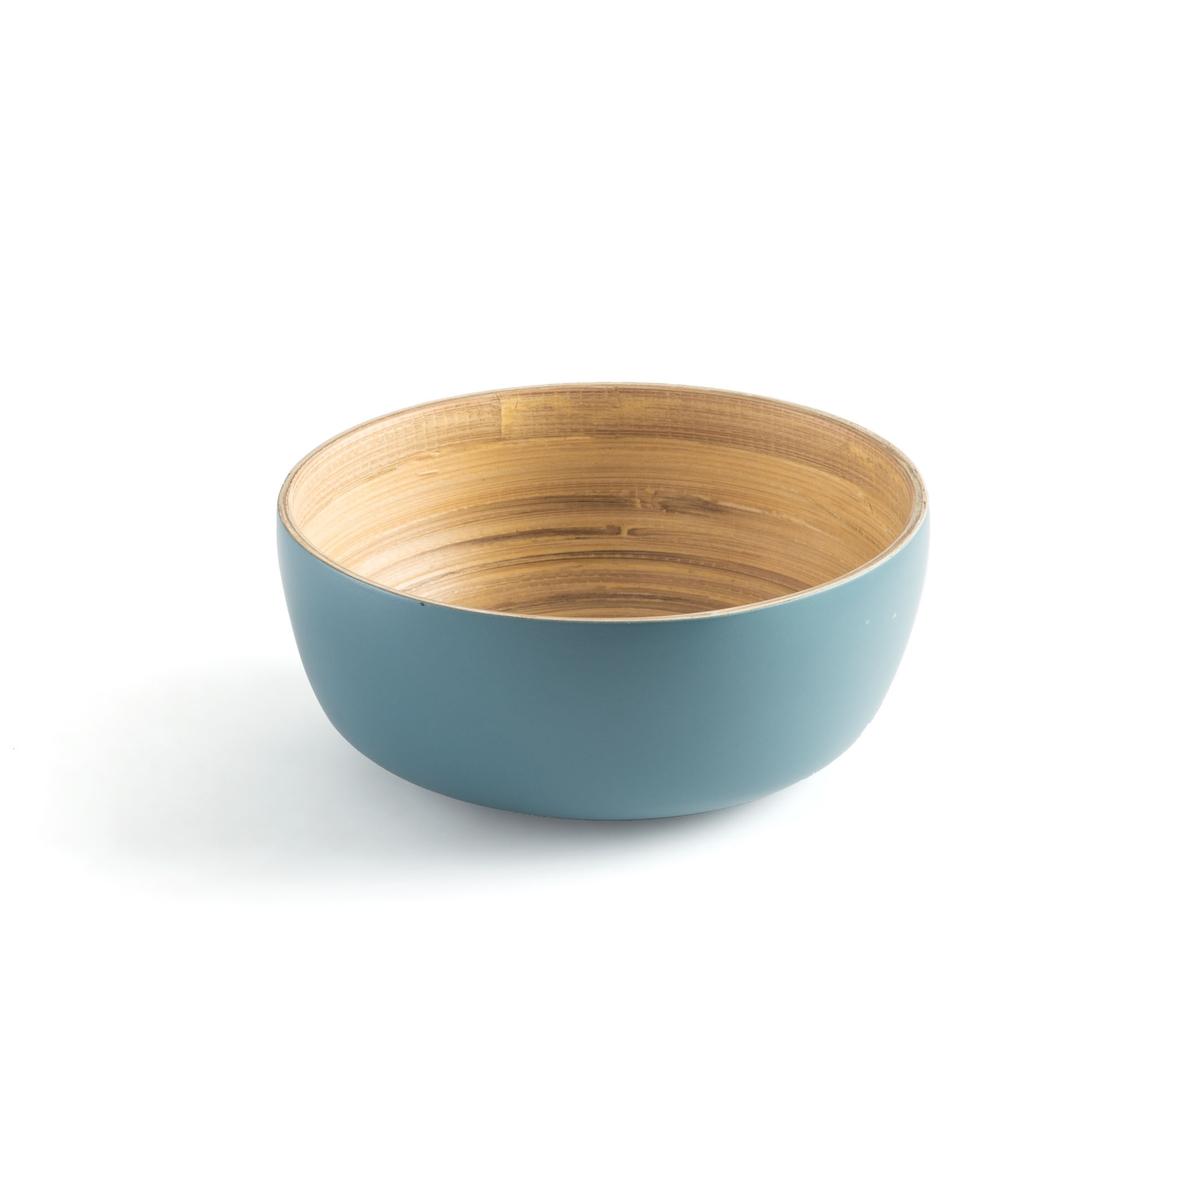 Blioma Bowls (Set of 4)